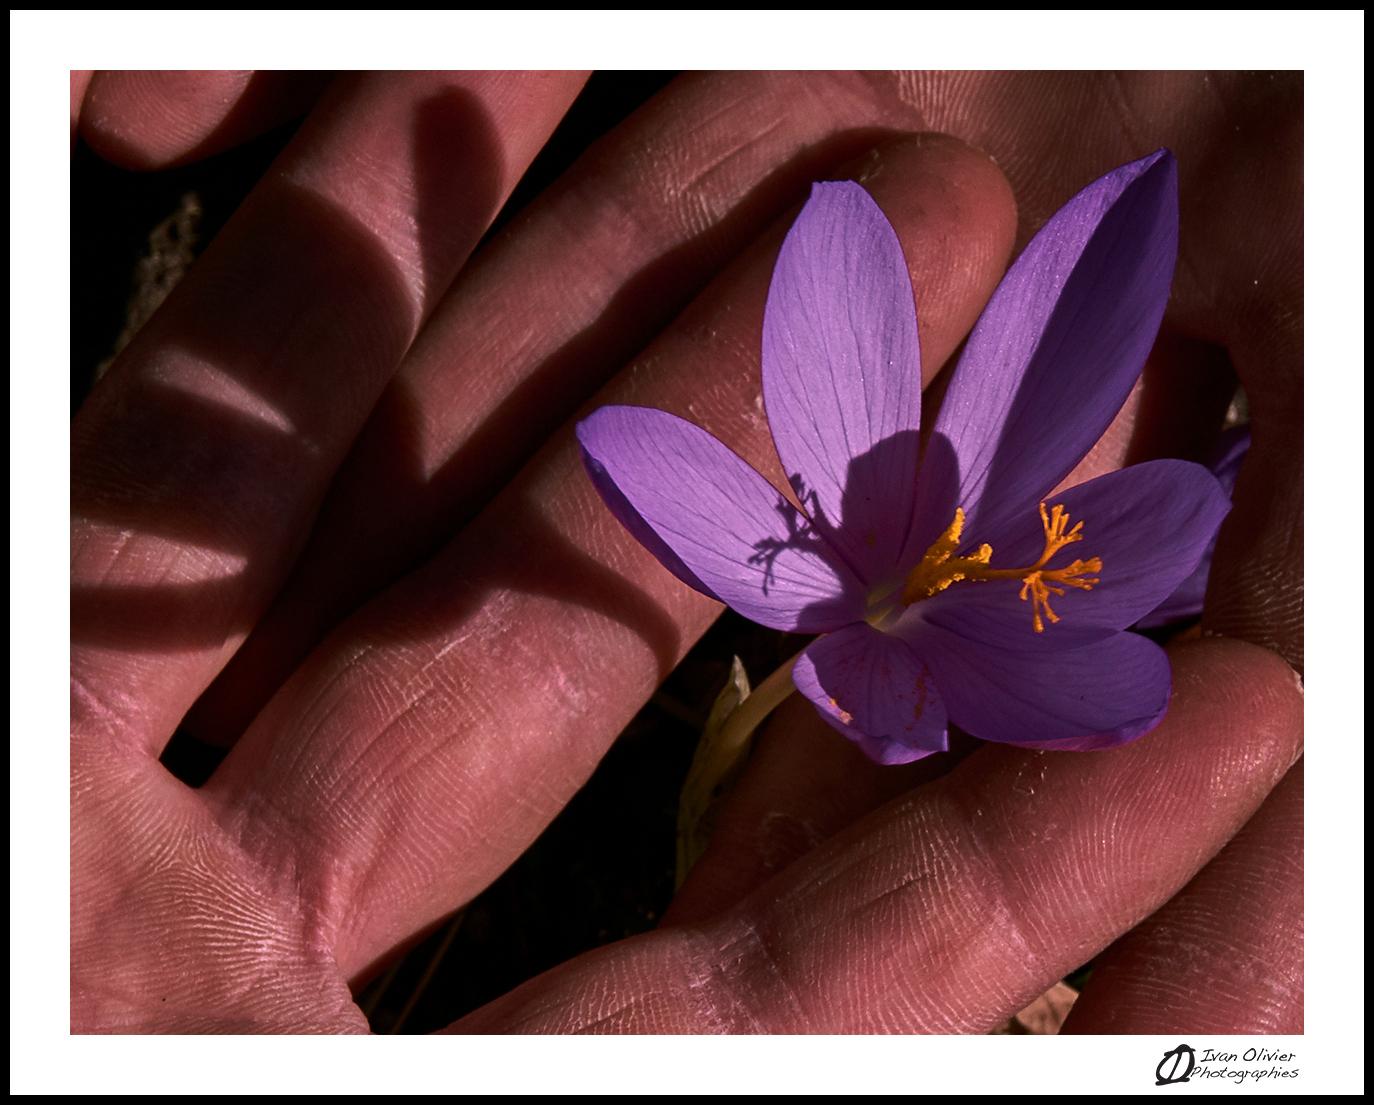 GC-cueillette au pied des voies-colchique d'automne-ivan olivier photographies (1)